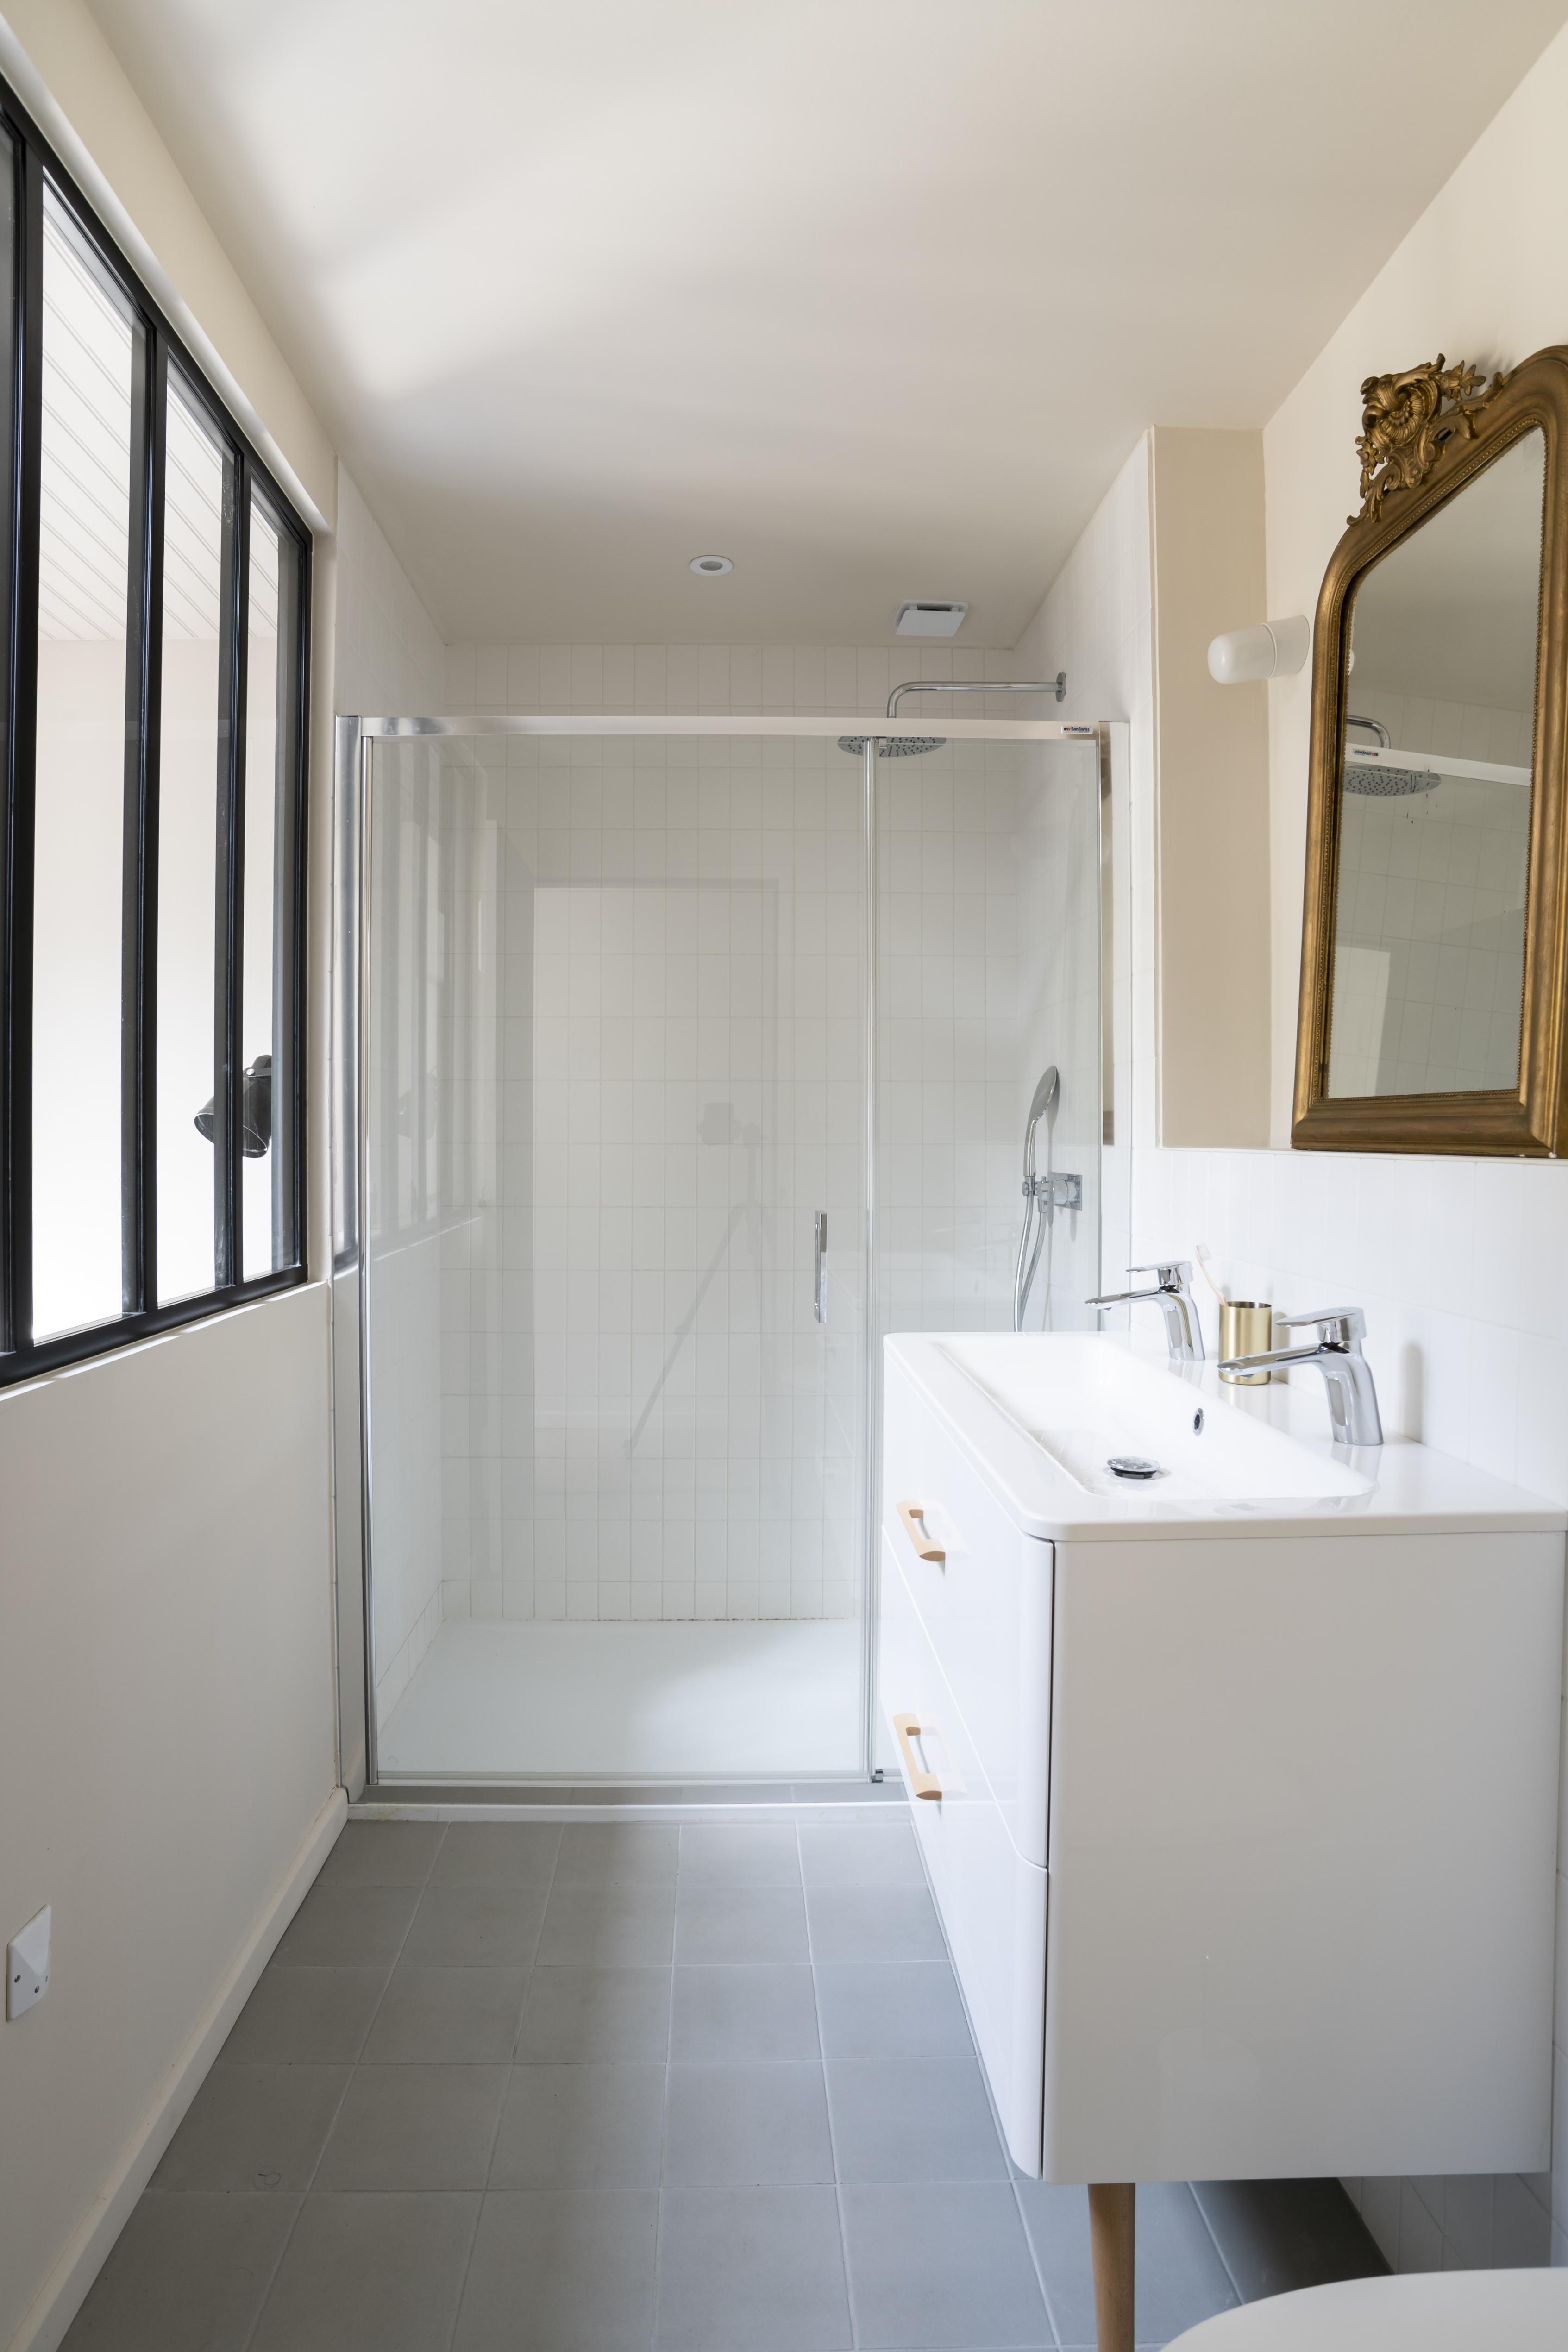 lalaarchitectes_Landes_renovation_salle de bain vitrée_lumière